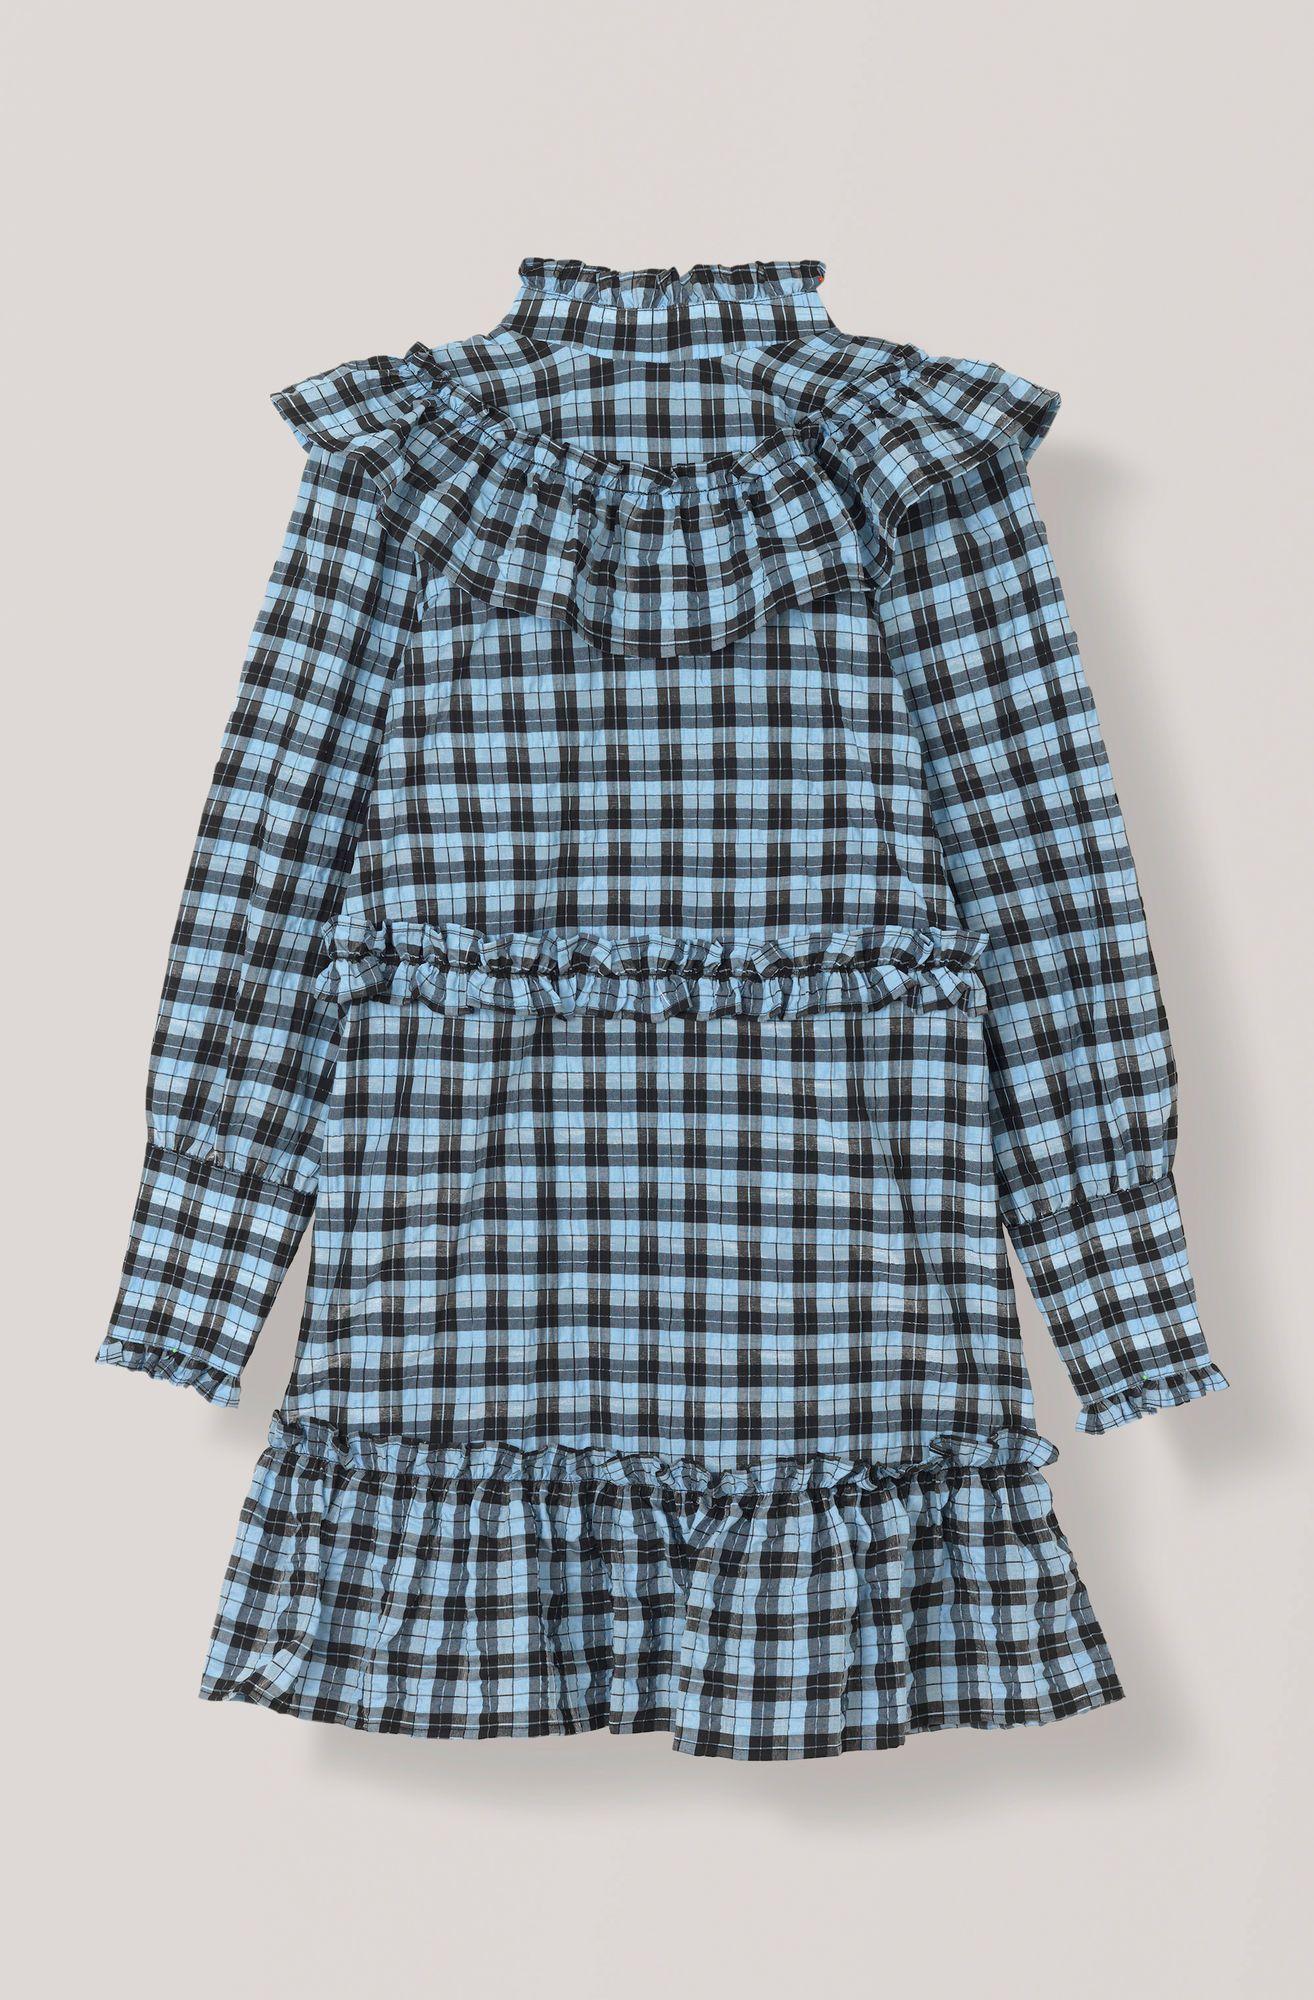 Dresses Dress Blue Clothes Mini Serenity Pinterest Charron 58ZYnfx